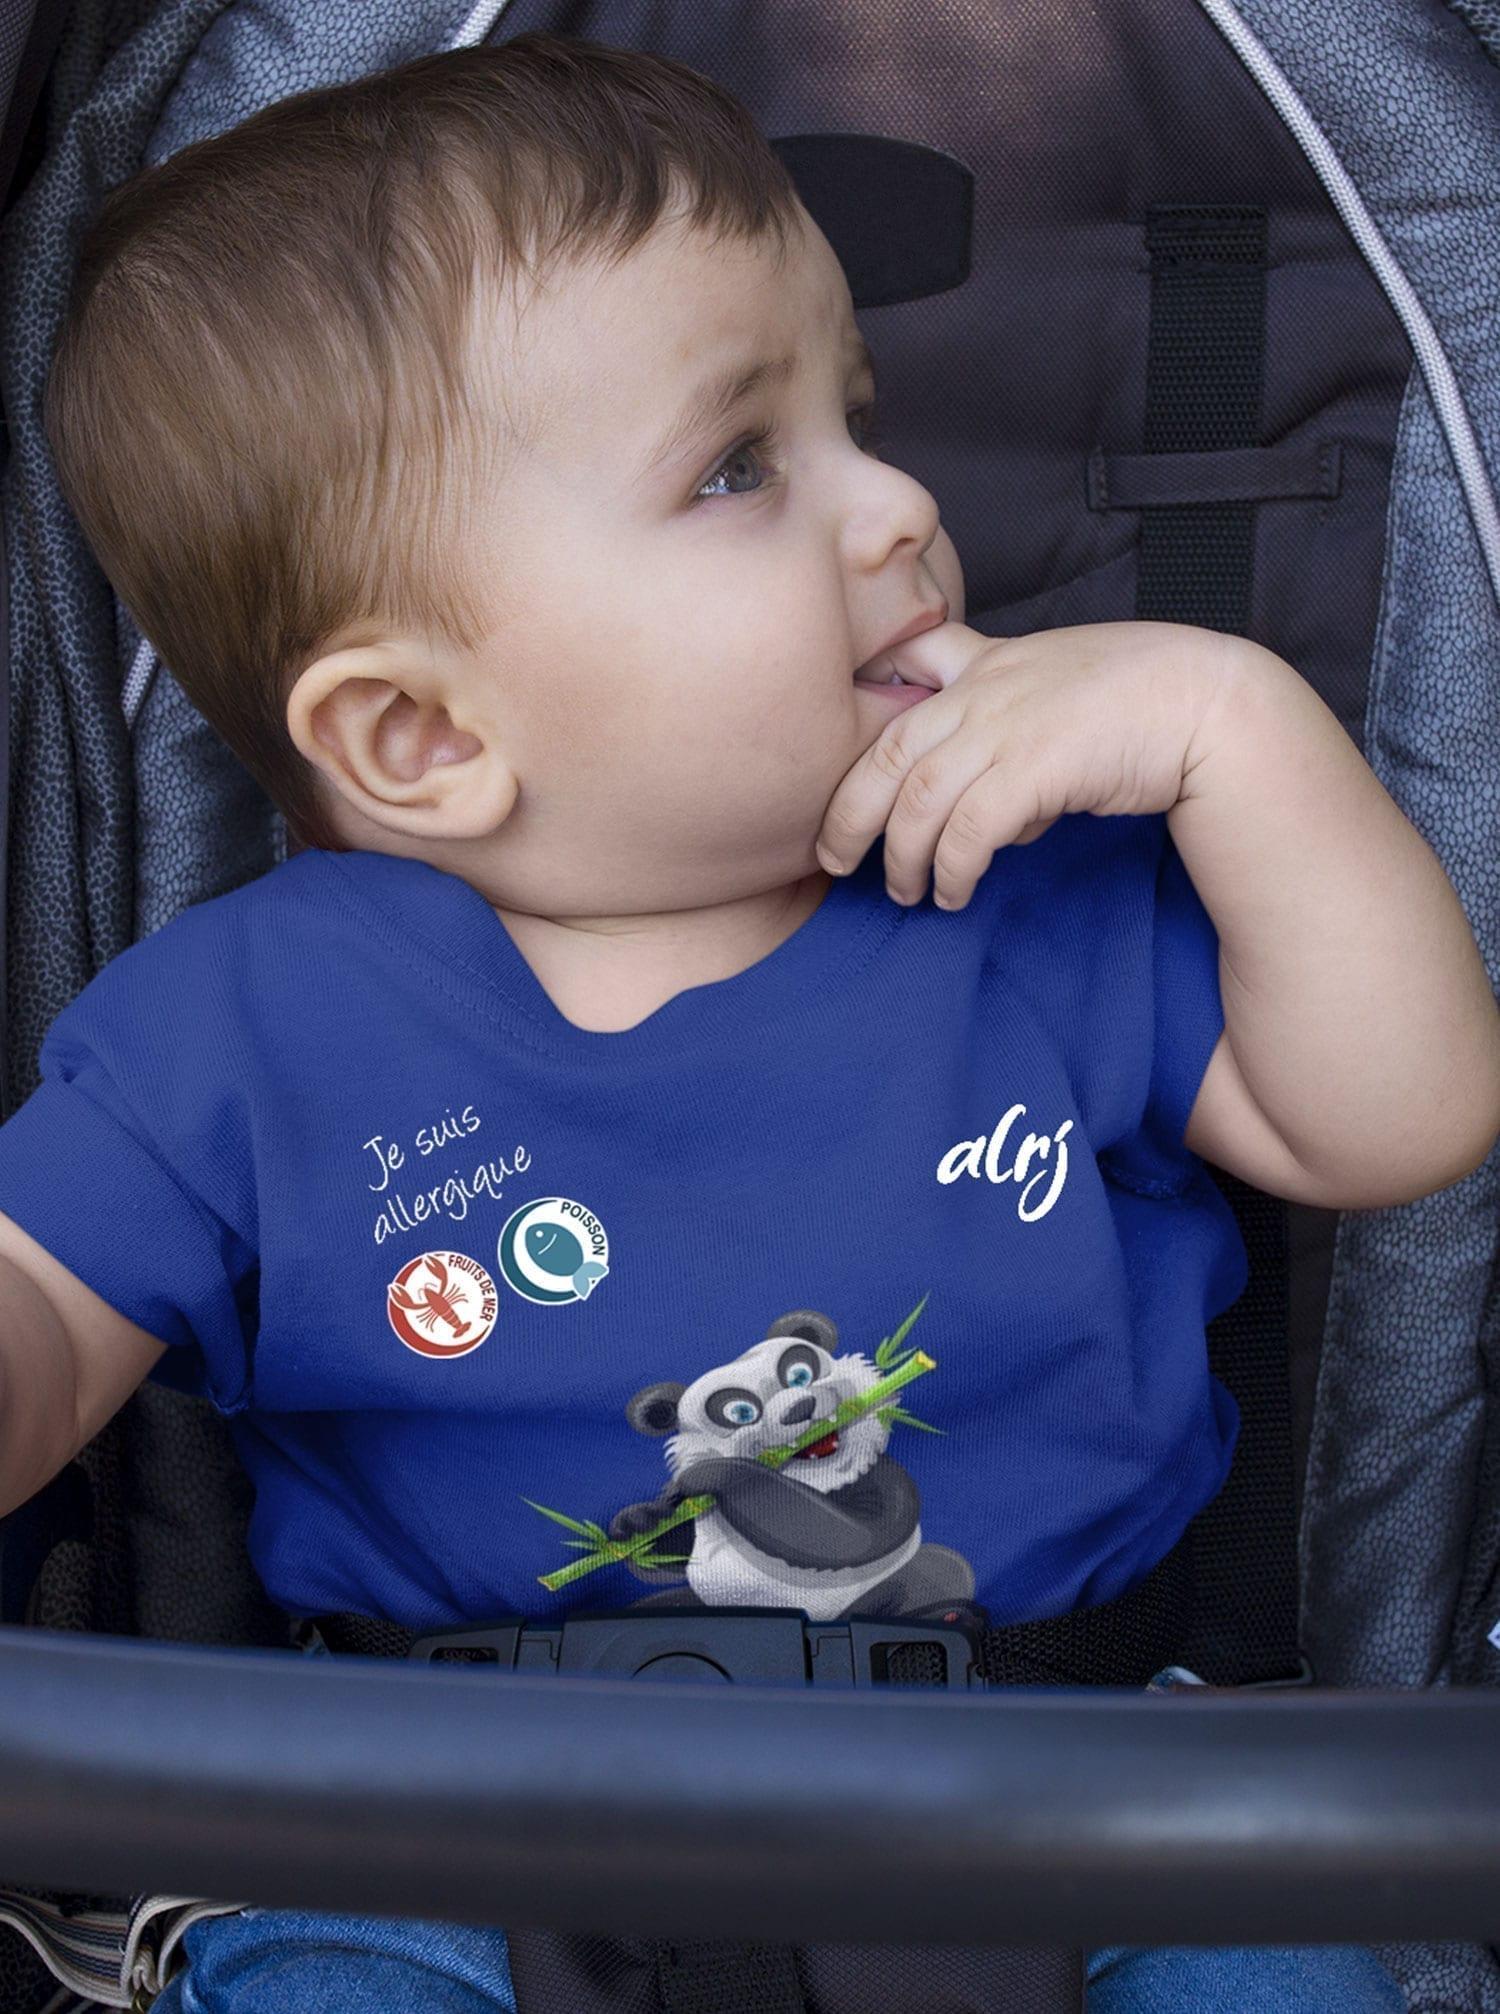 bébé allergique dans sa poussette avec un t-shirt panda